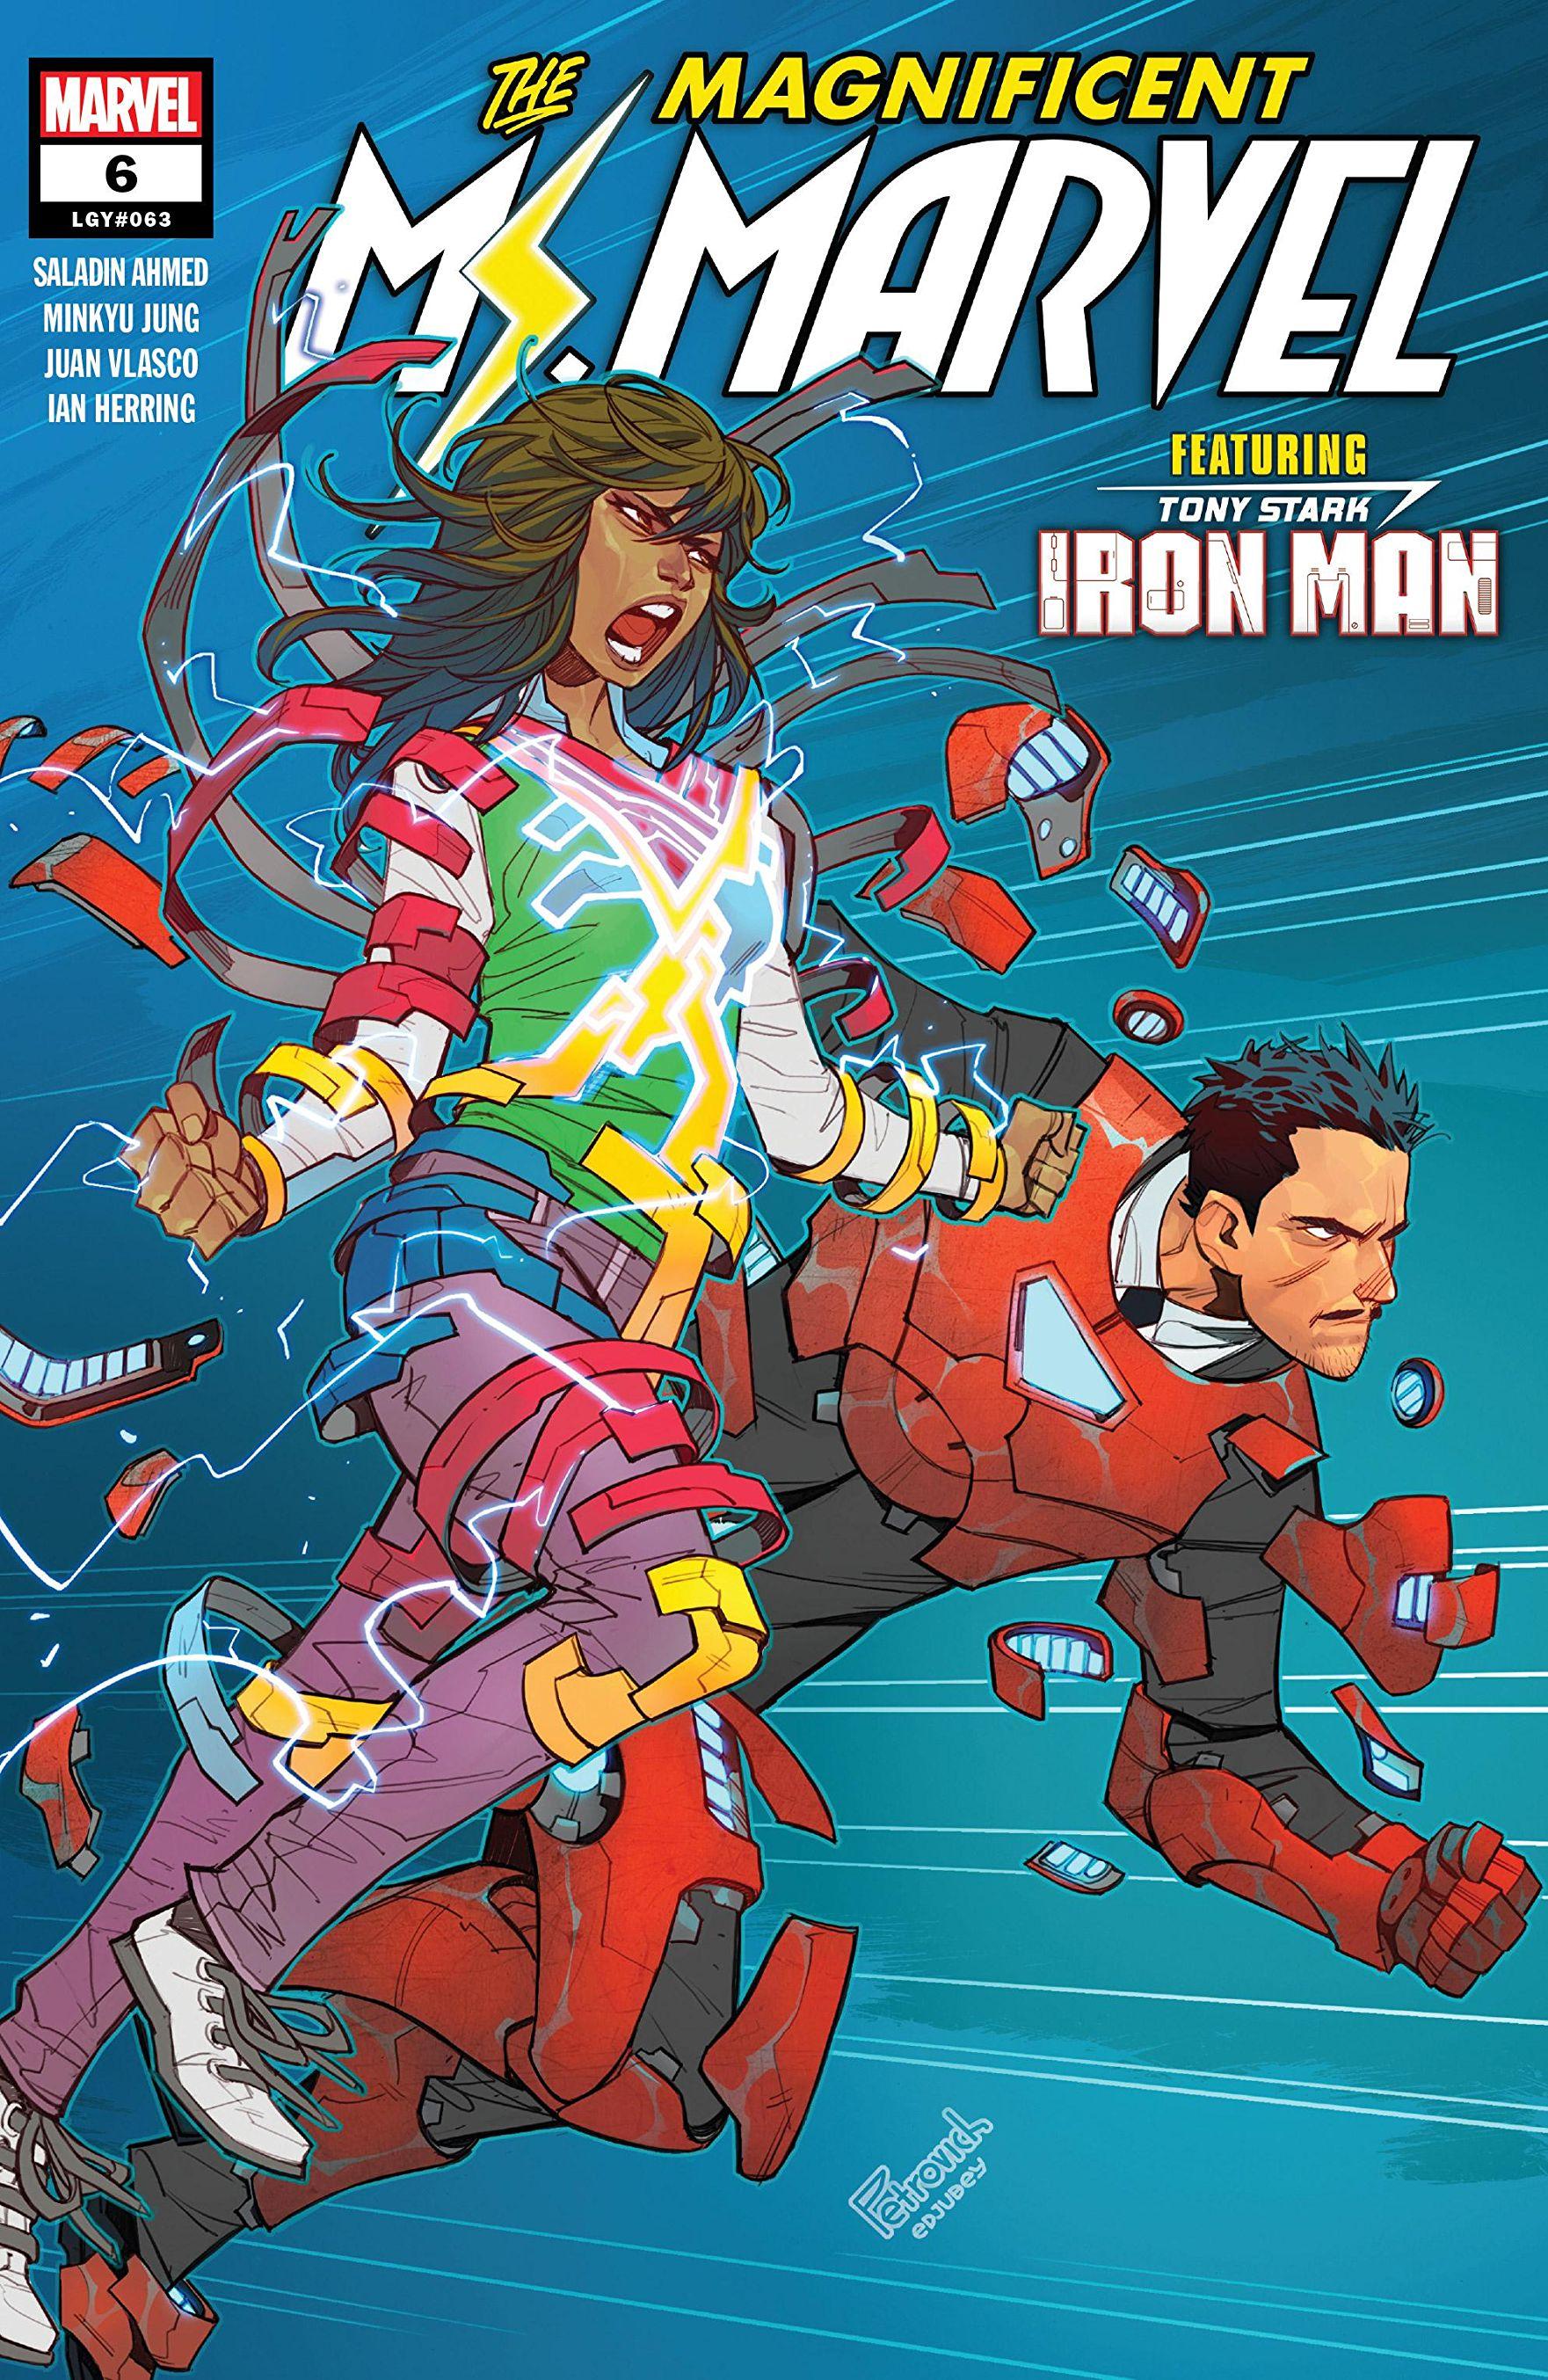 Magnificent Ms. Marvel Vol 1 6